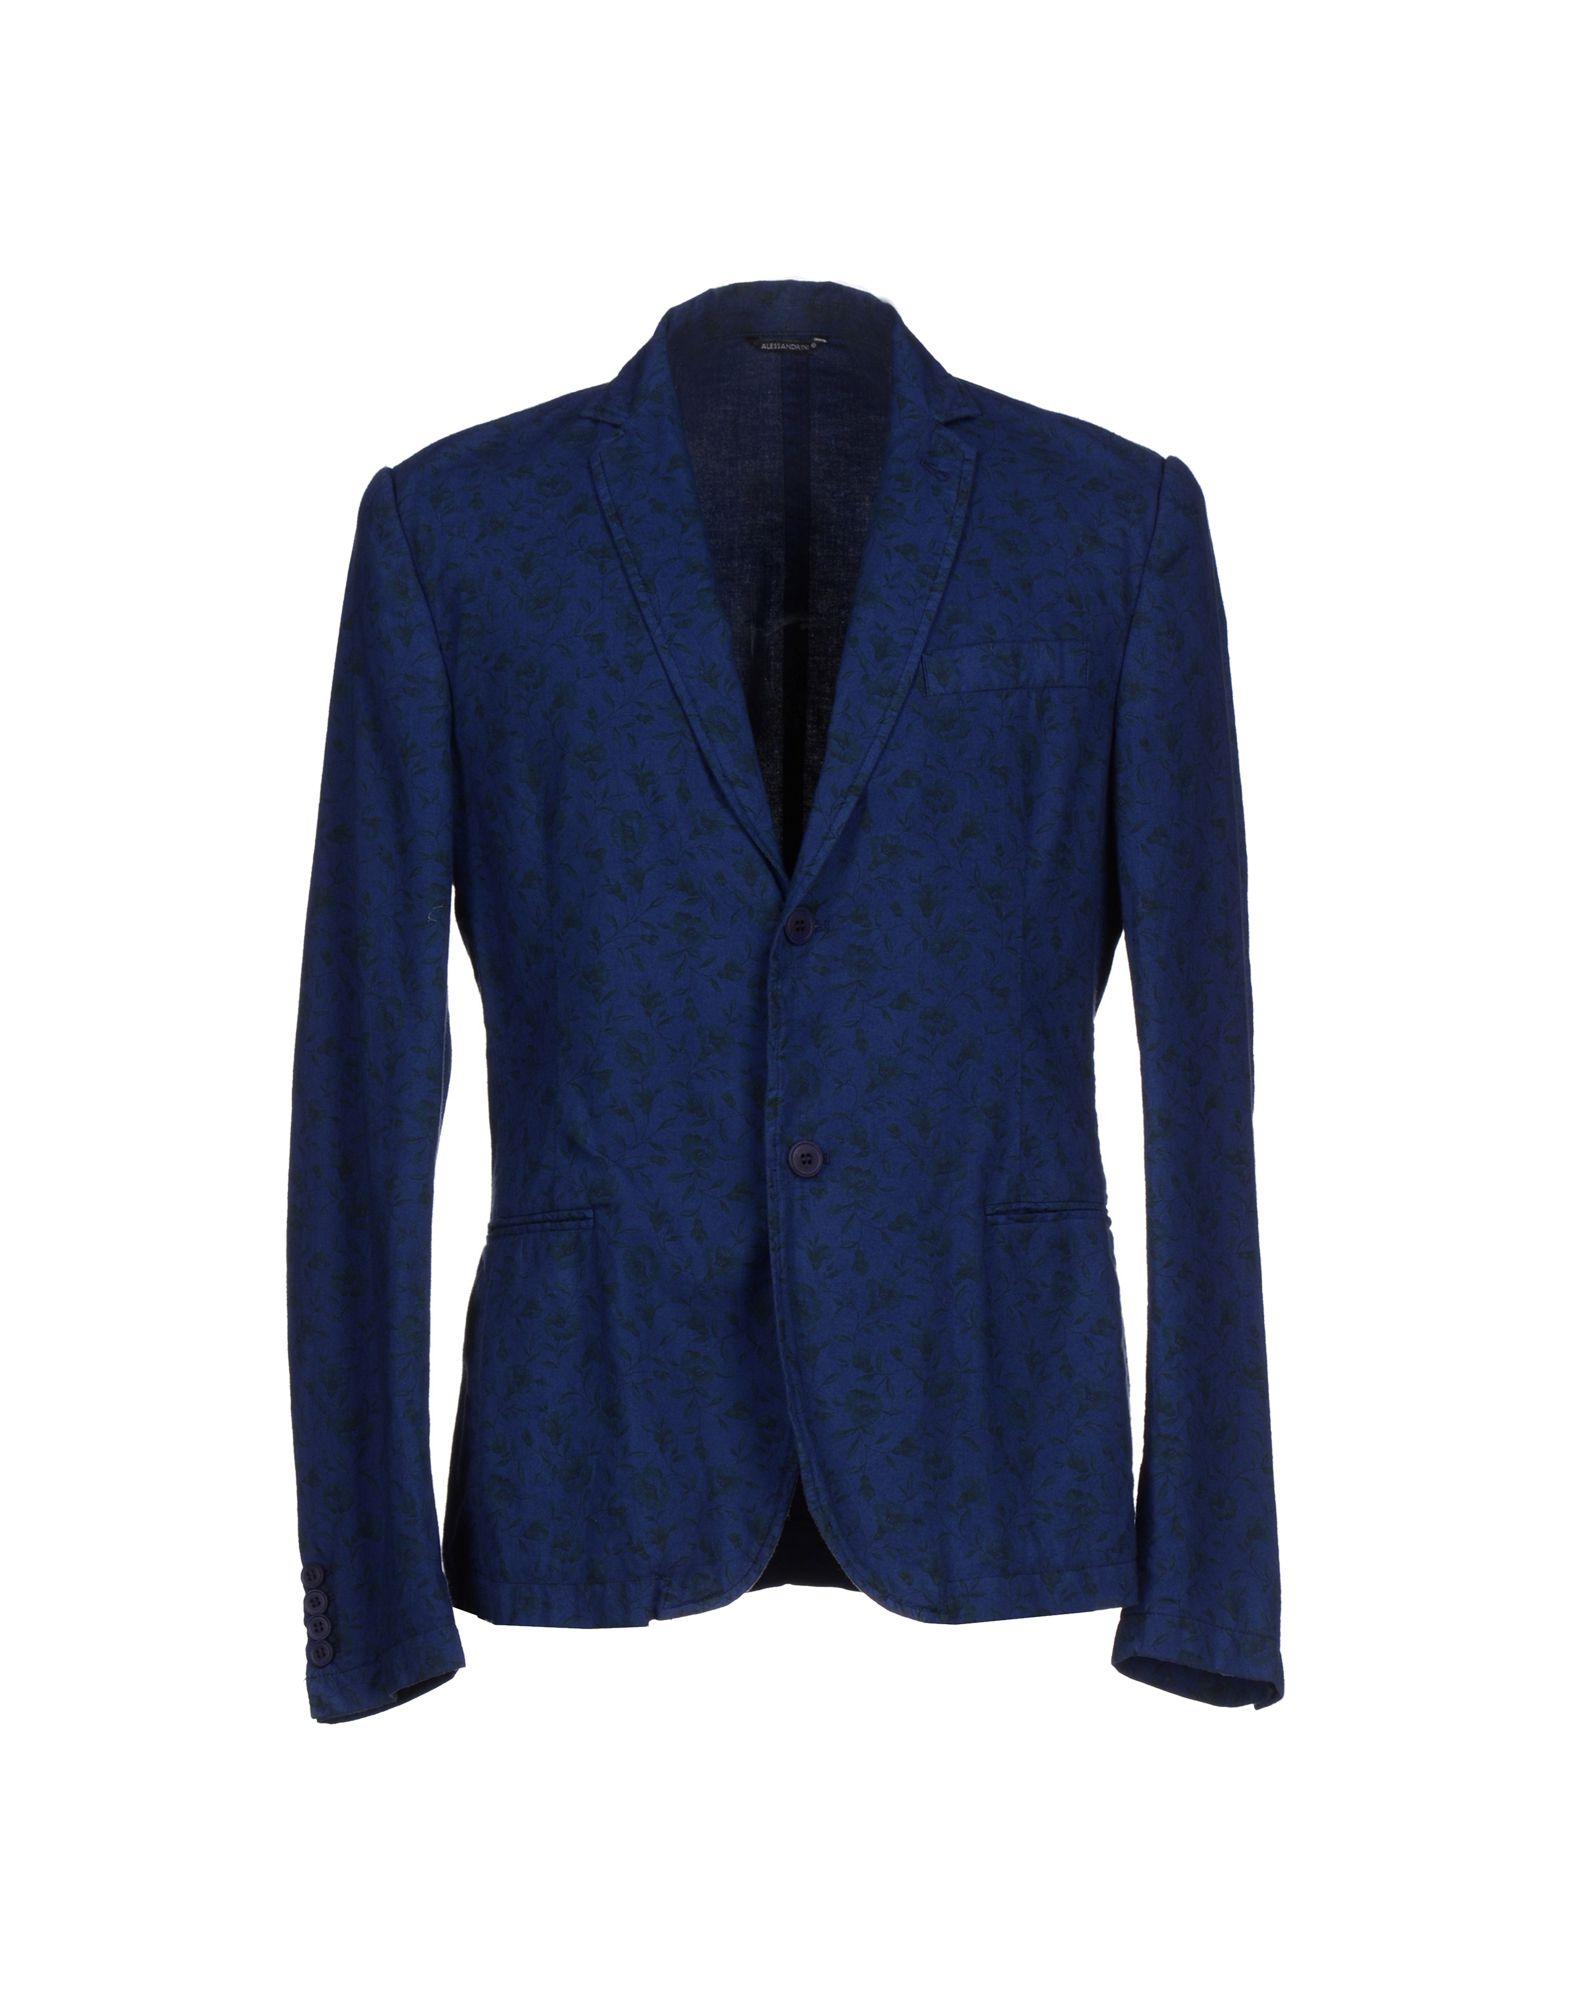 DANIELE ALESSANDRINI HOMME Пиджак daniele alessandrini homme джинсовая верхняя одежда